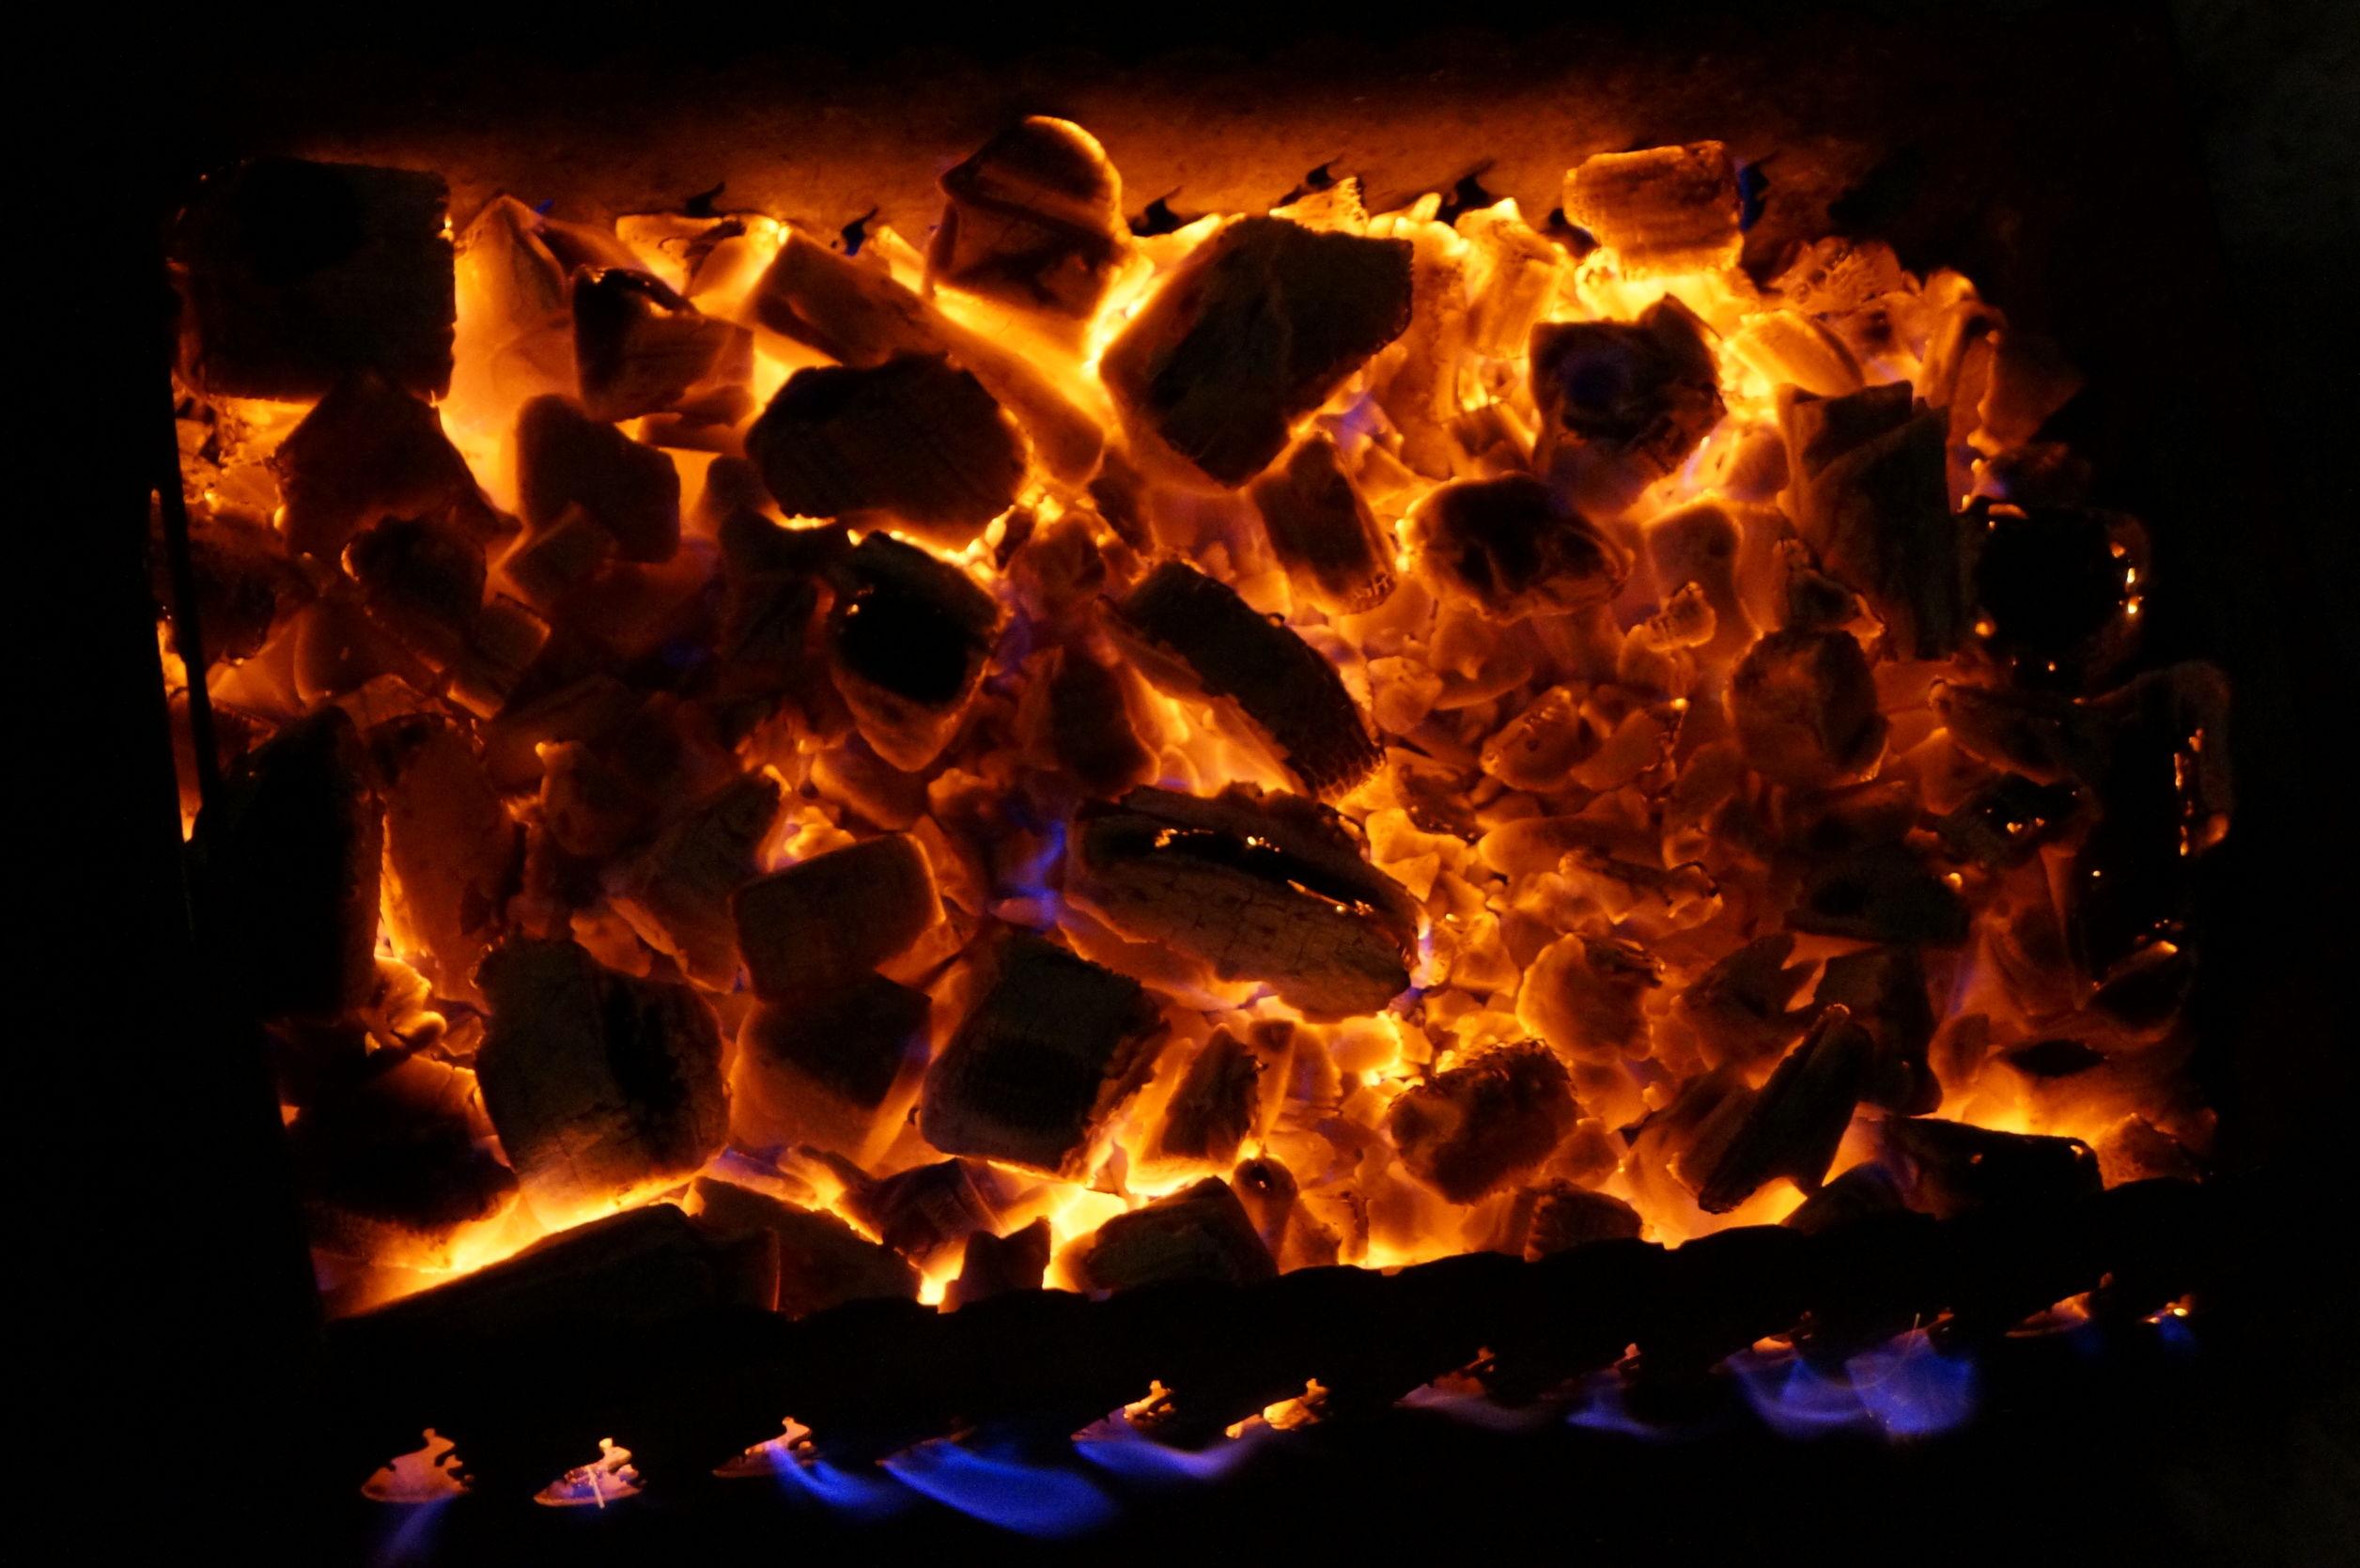 brasero con fuego